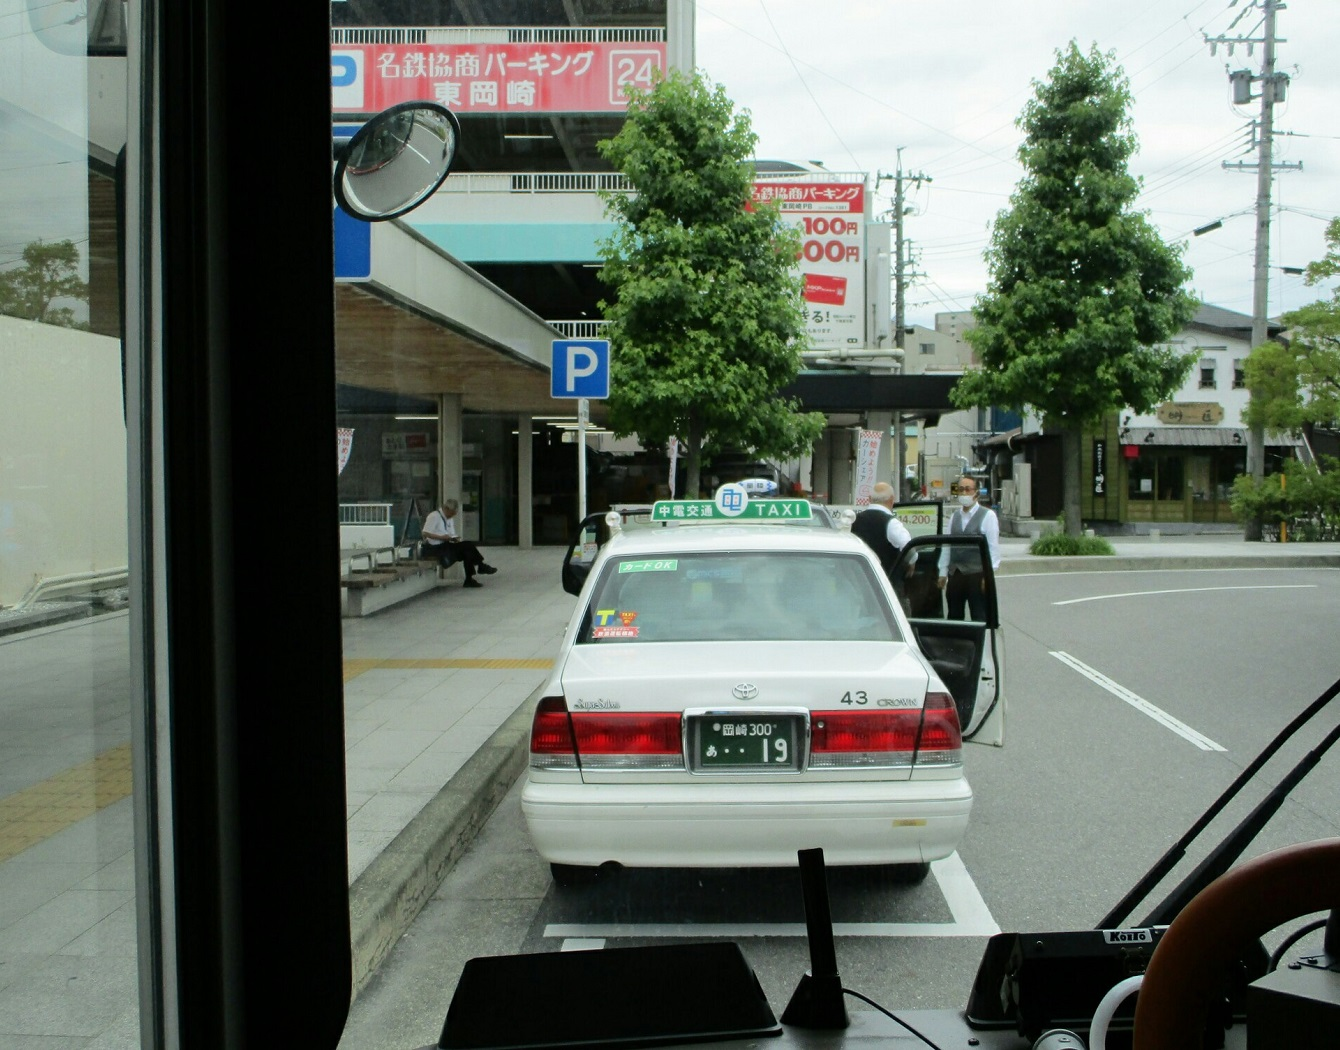 2018.6.19 (3) 美合駅いきバス - 東岡崎しゅっぱつ 1340-1050